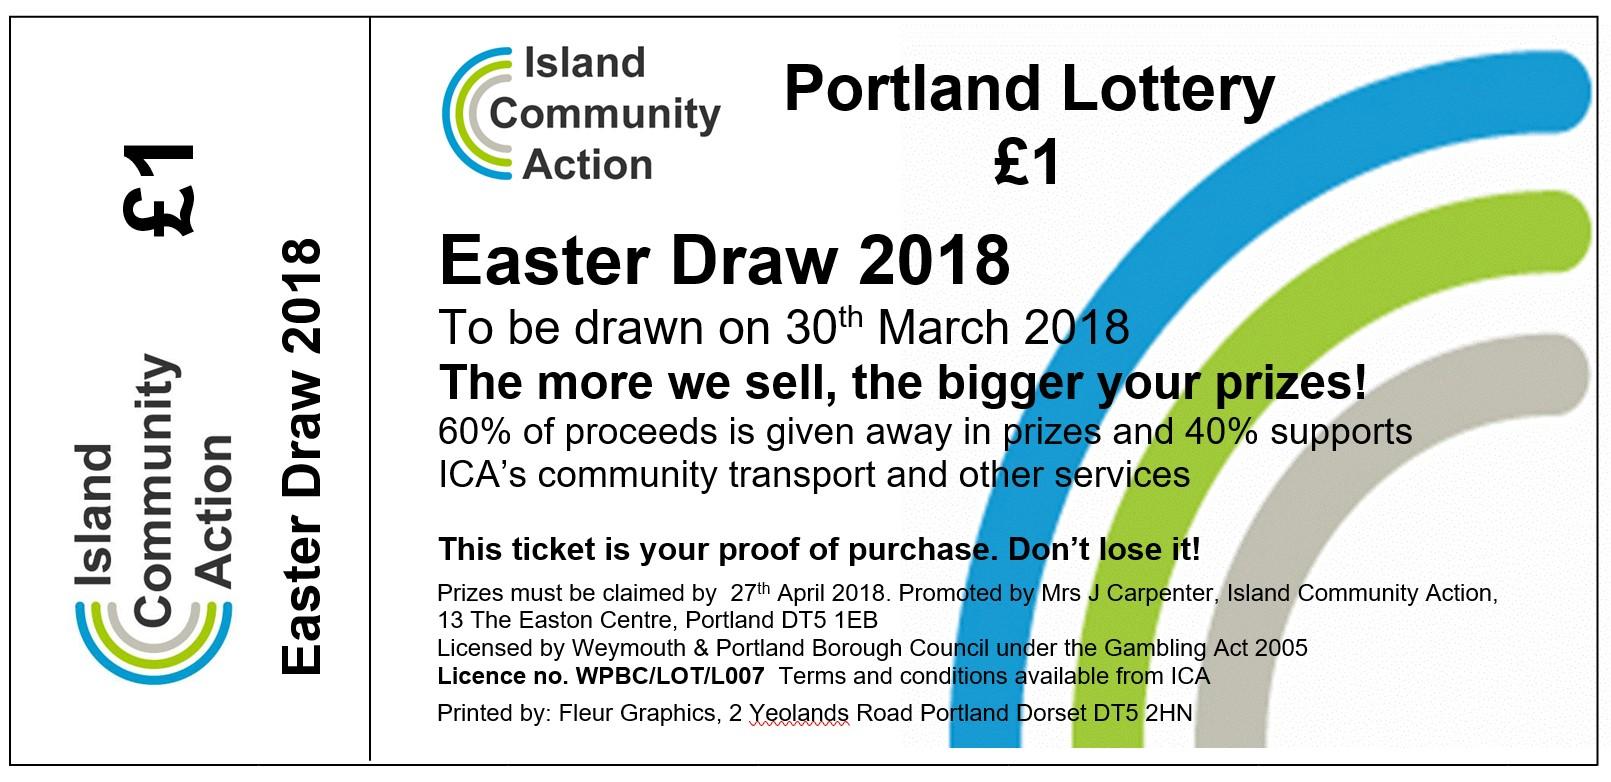 Portland Lottery Ticket